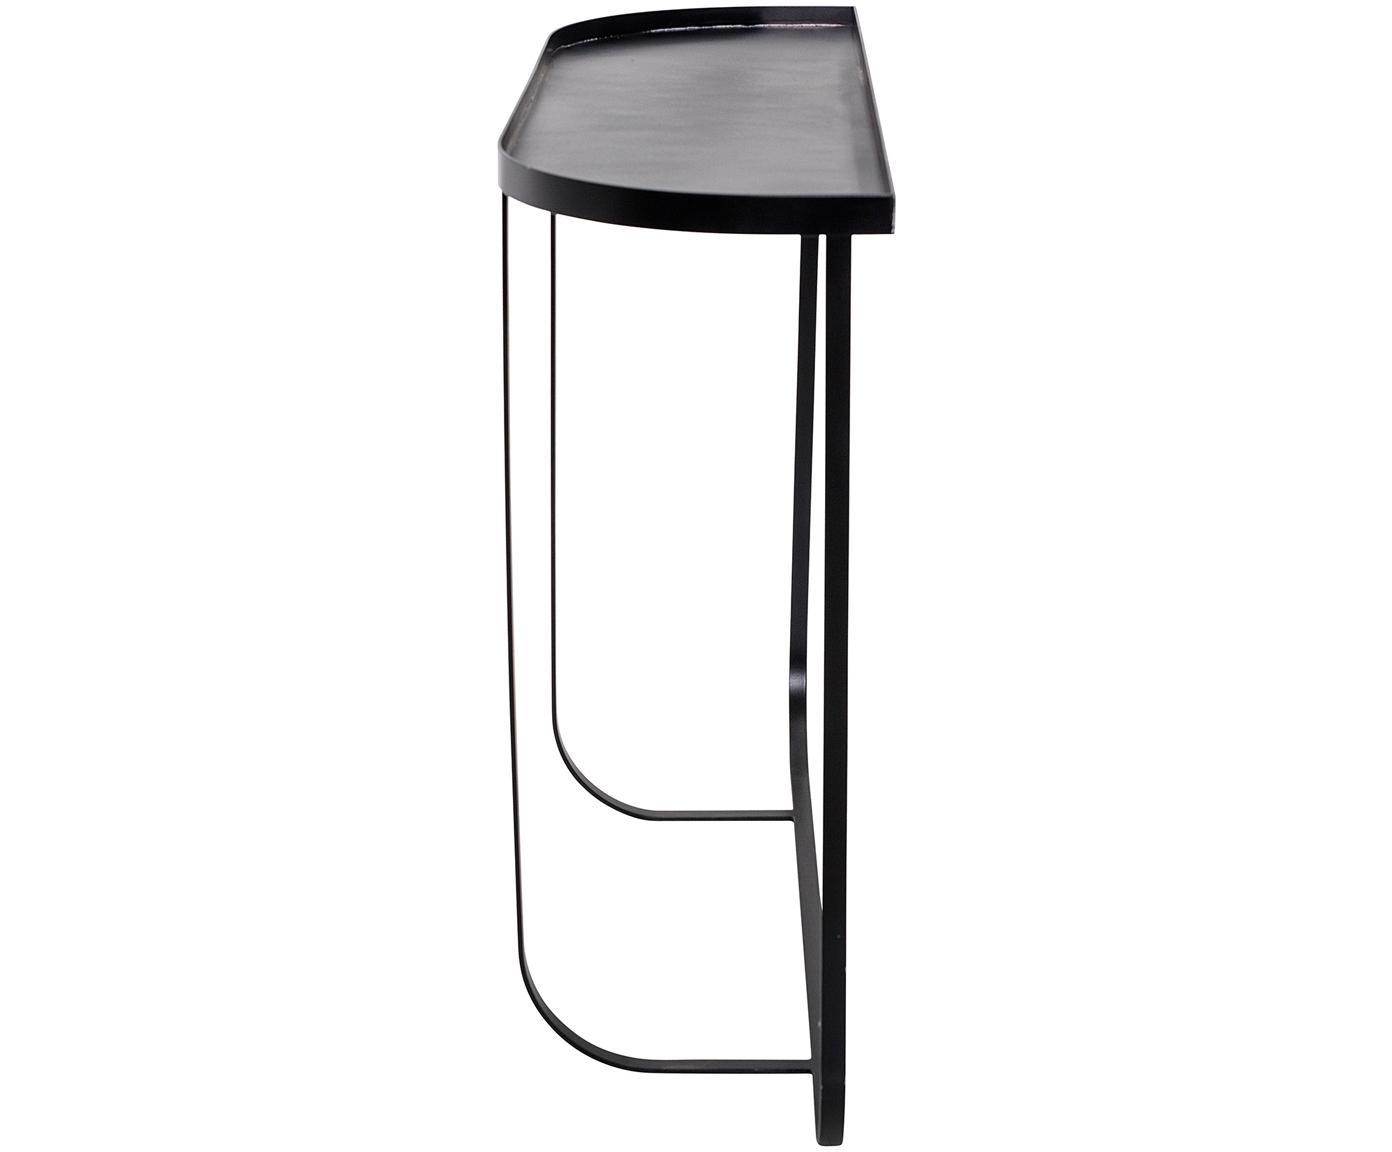 Konsola z metalu Harper, Metal malowany proszkowo, Czarny, S 100 x G 30 cm